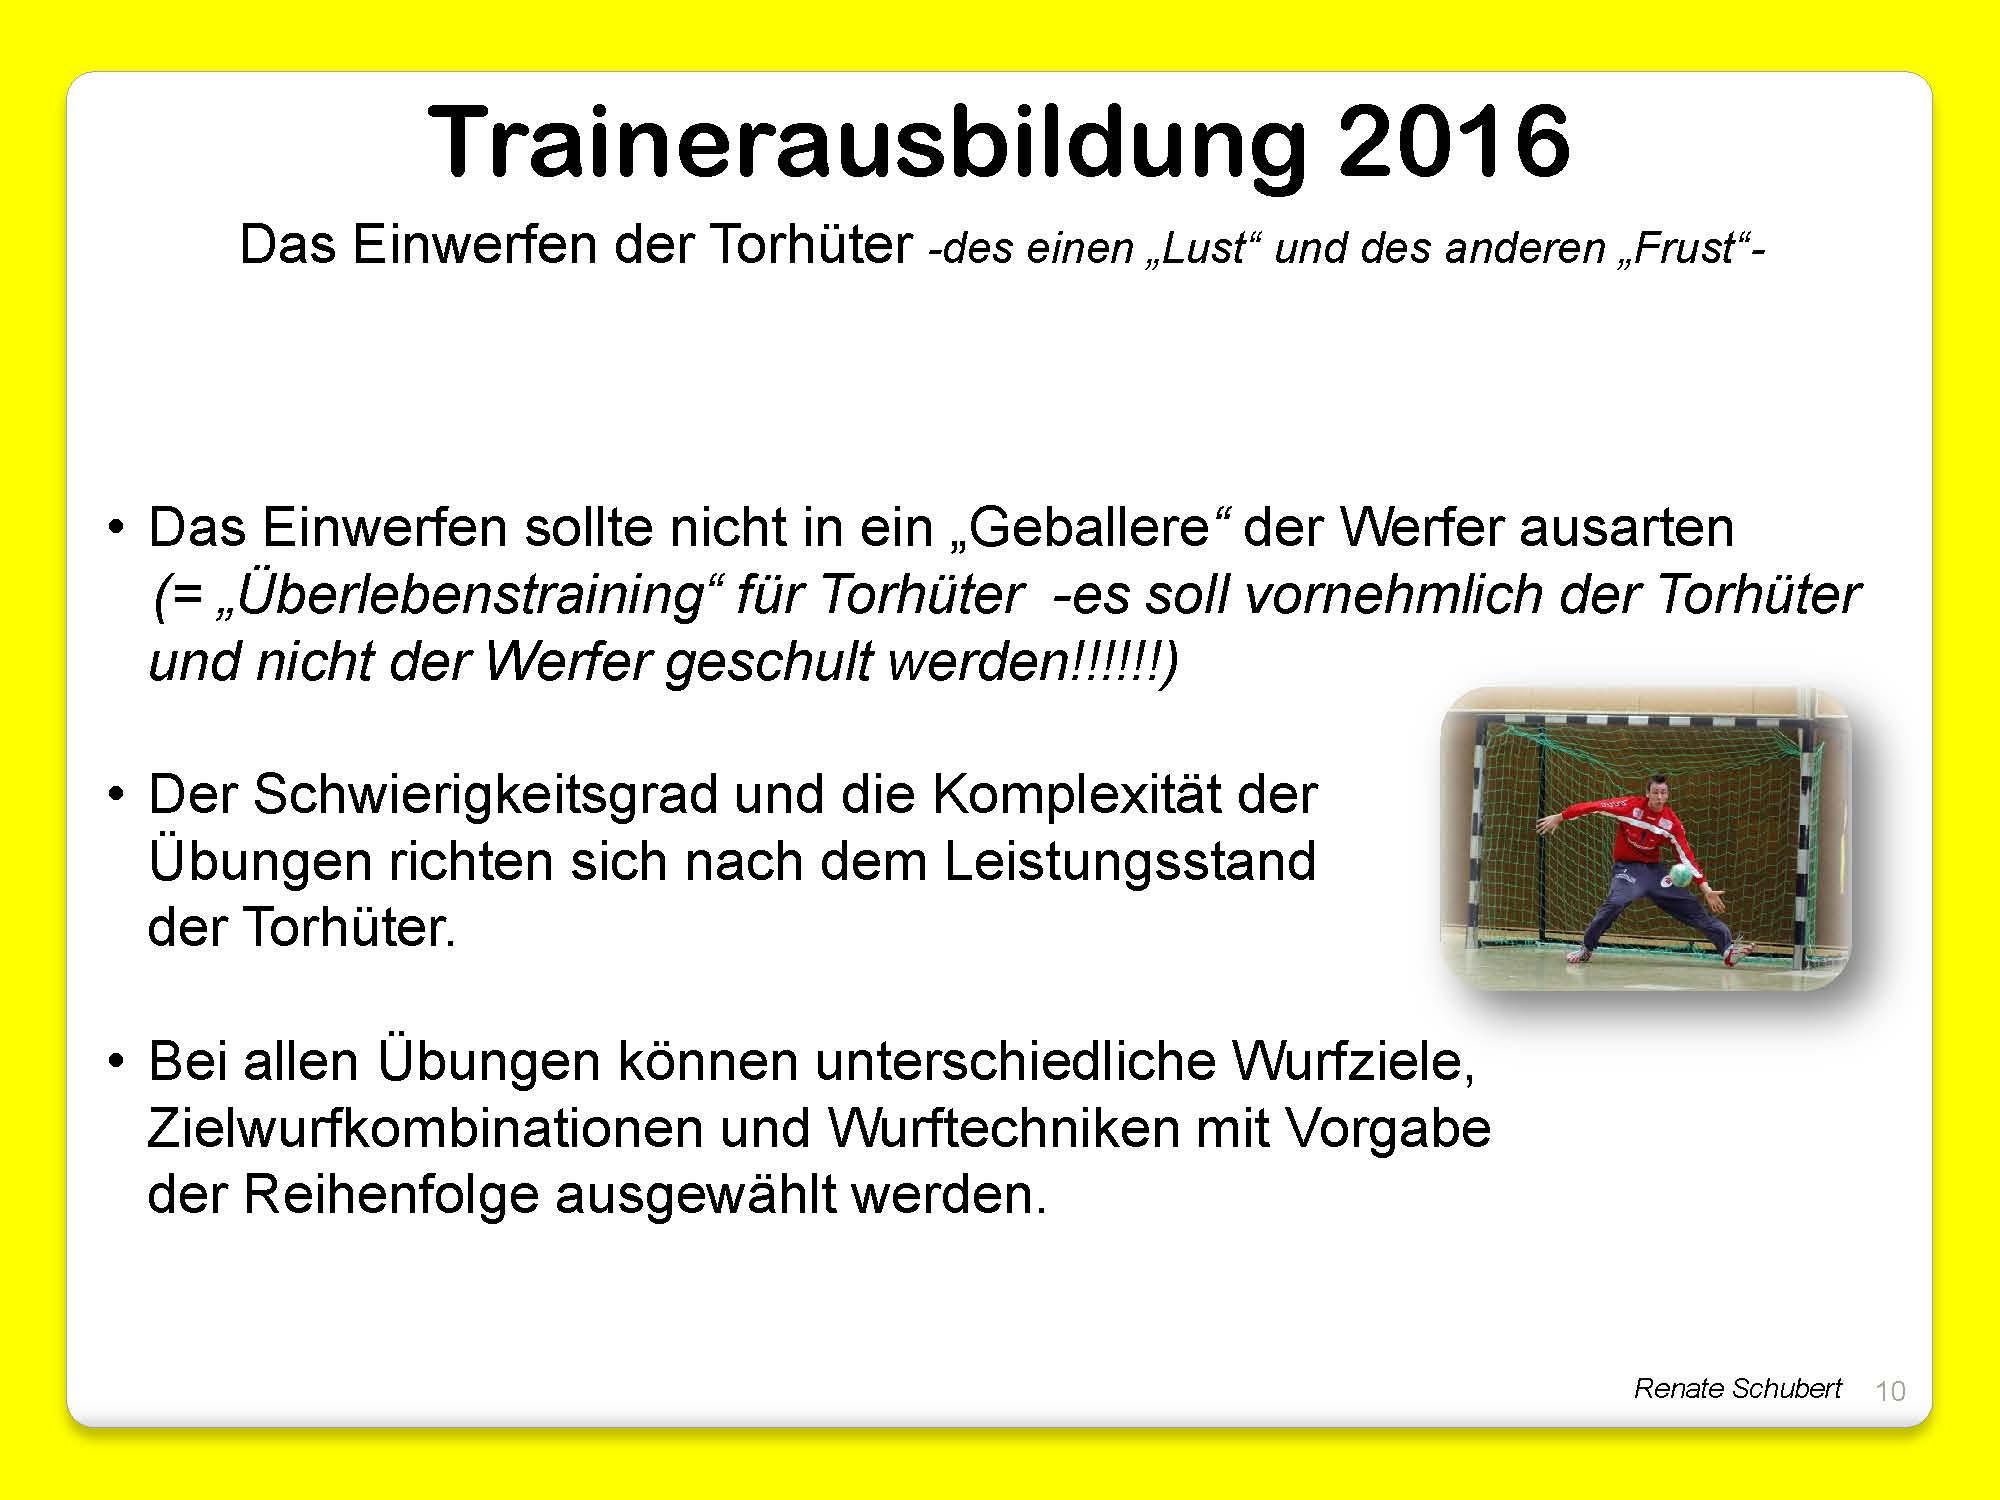 trainerausbildung_2016_Seite_10